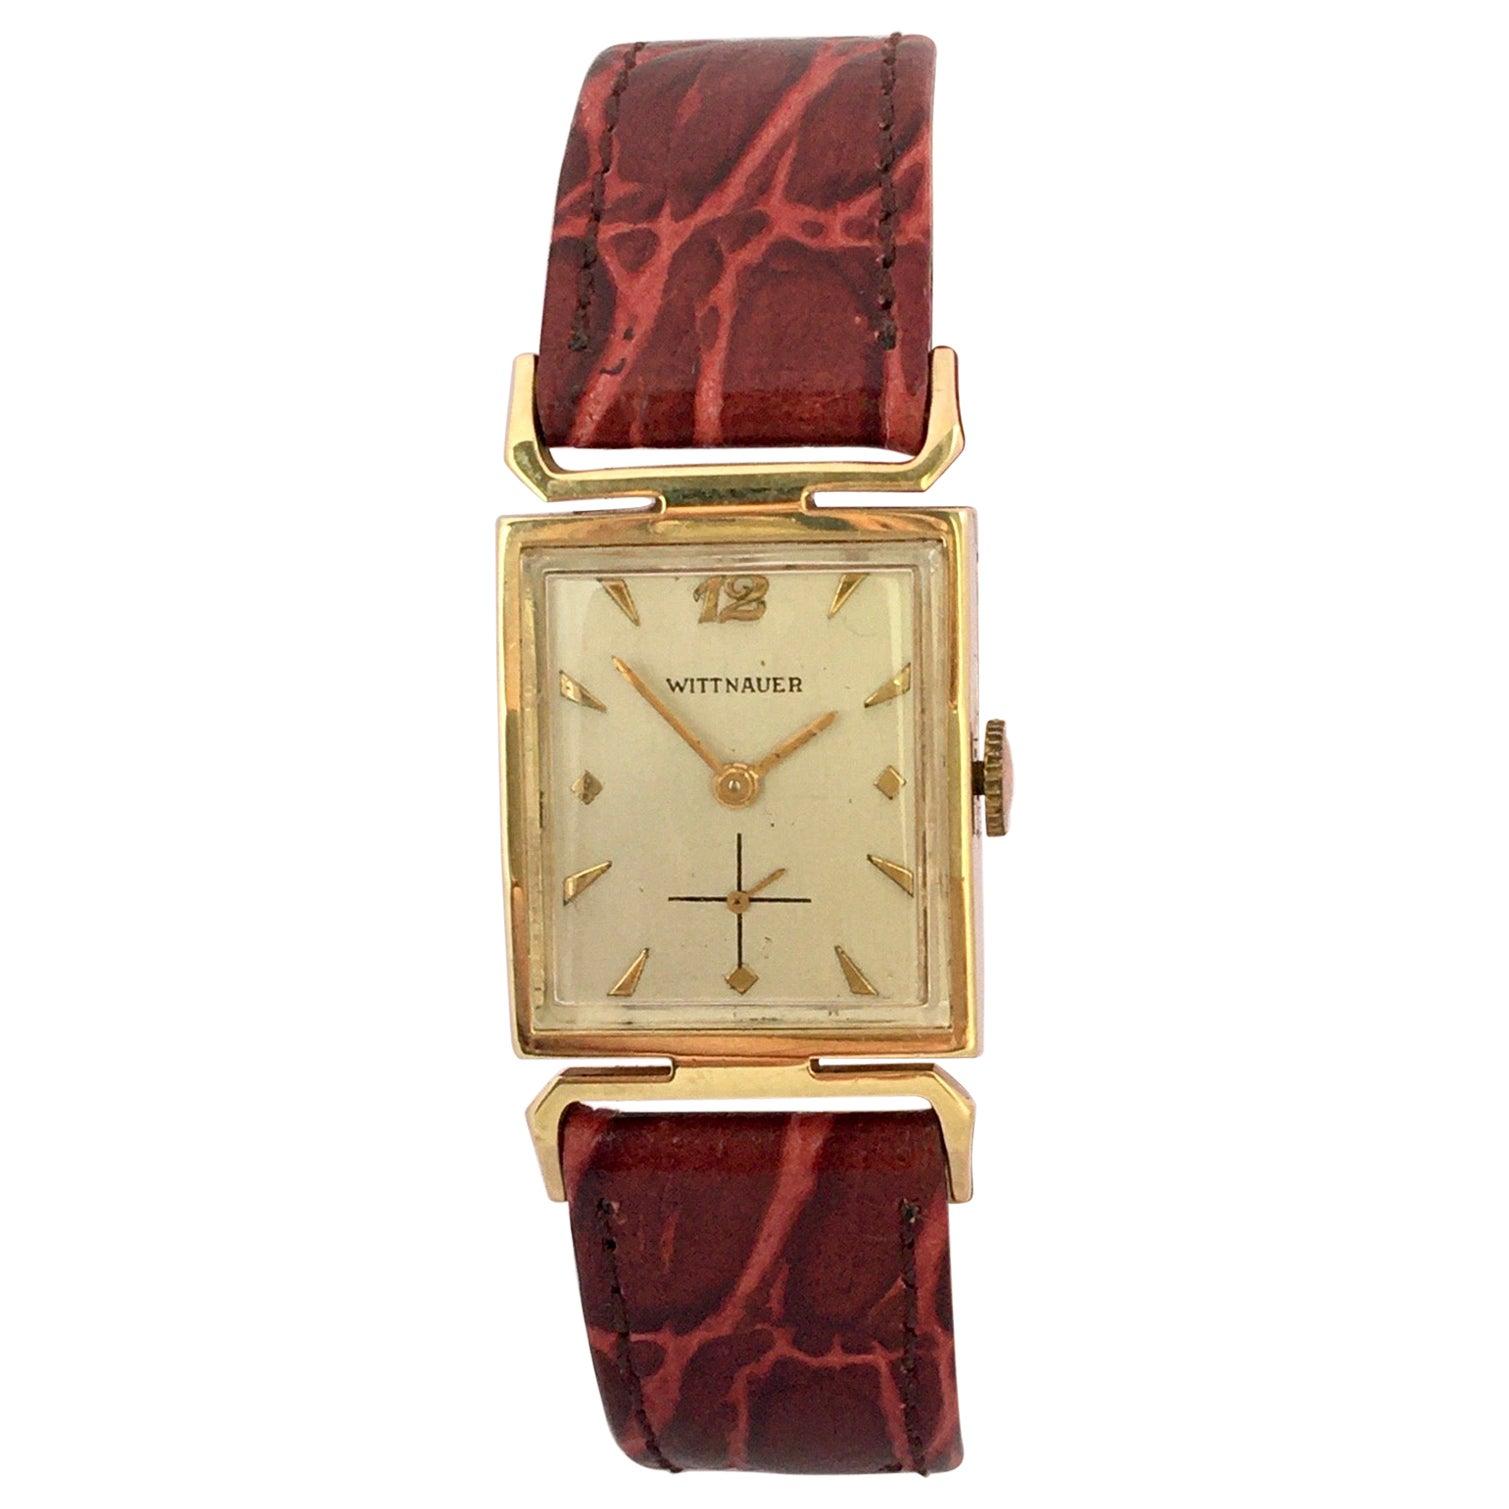 14 Karat Gold Vintage 1940s Wittnauer Mechanical Watch